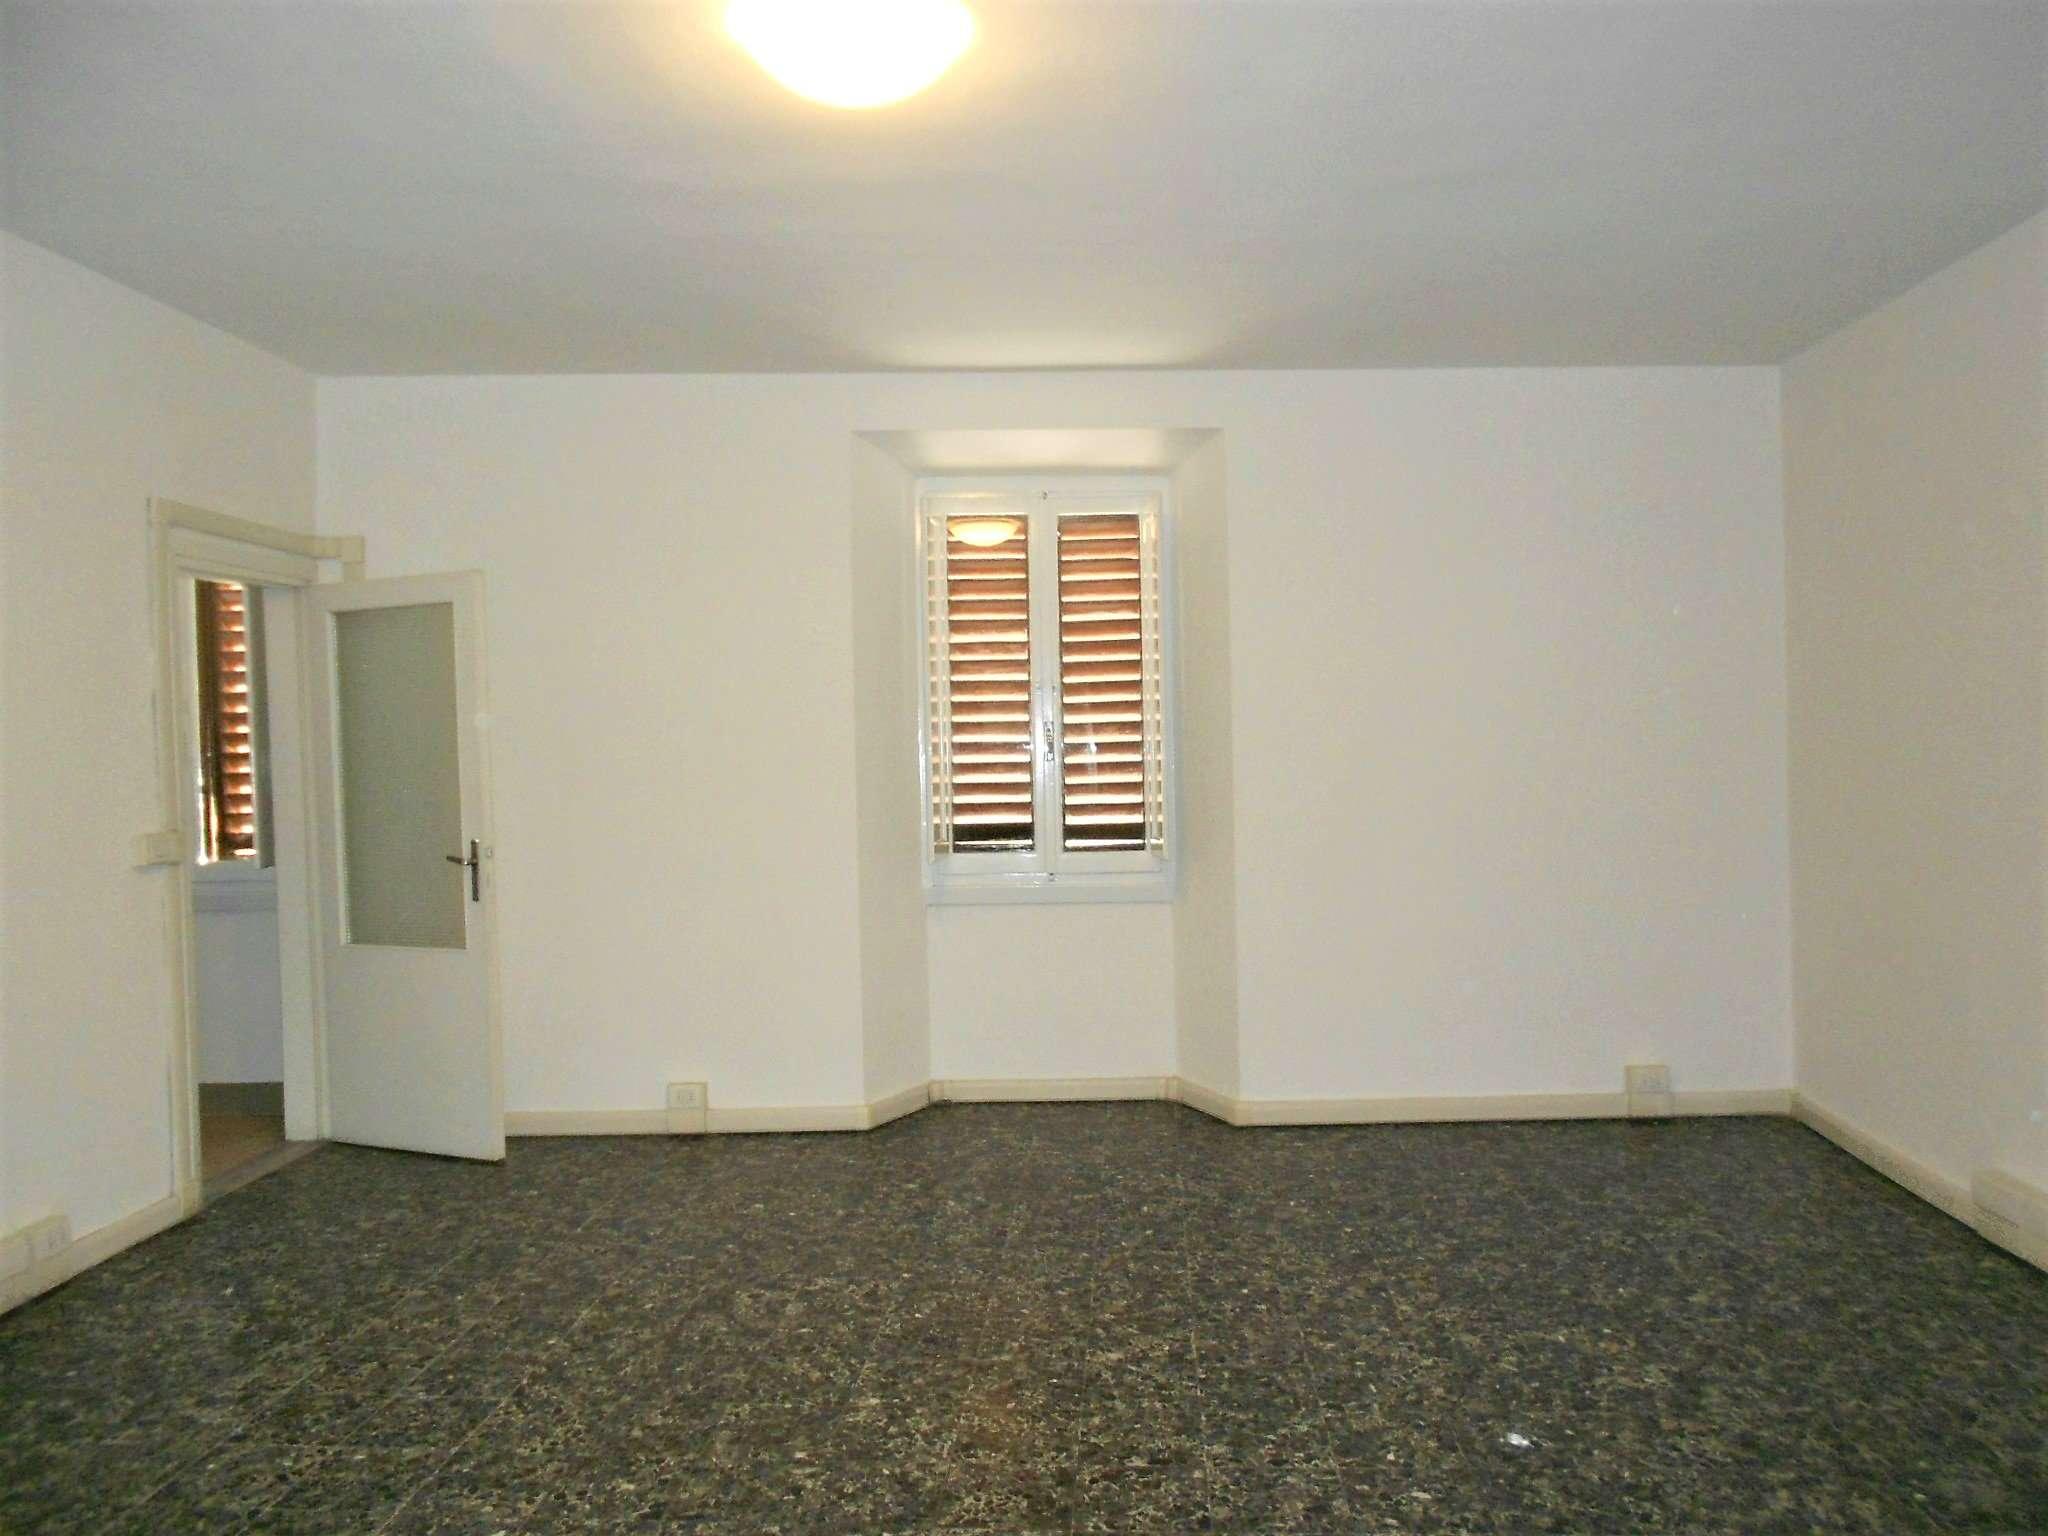 Ufficio / Studio in affitto a Rufina, 4 locali, prezzo € 300 | Cambio Casa.it